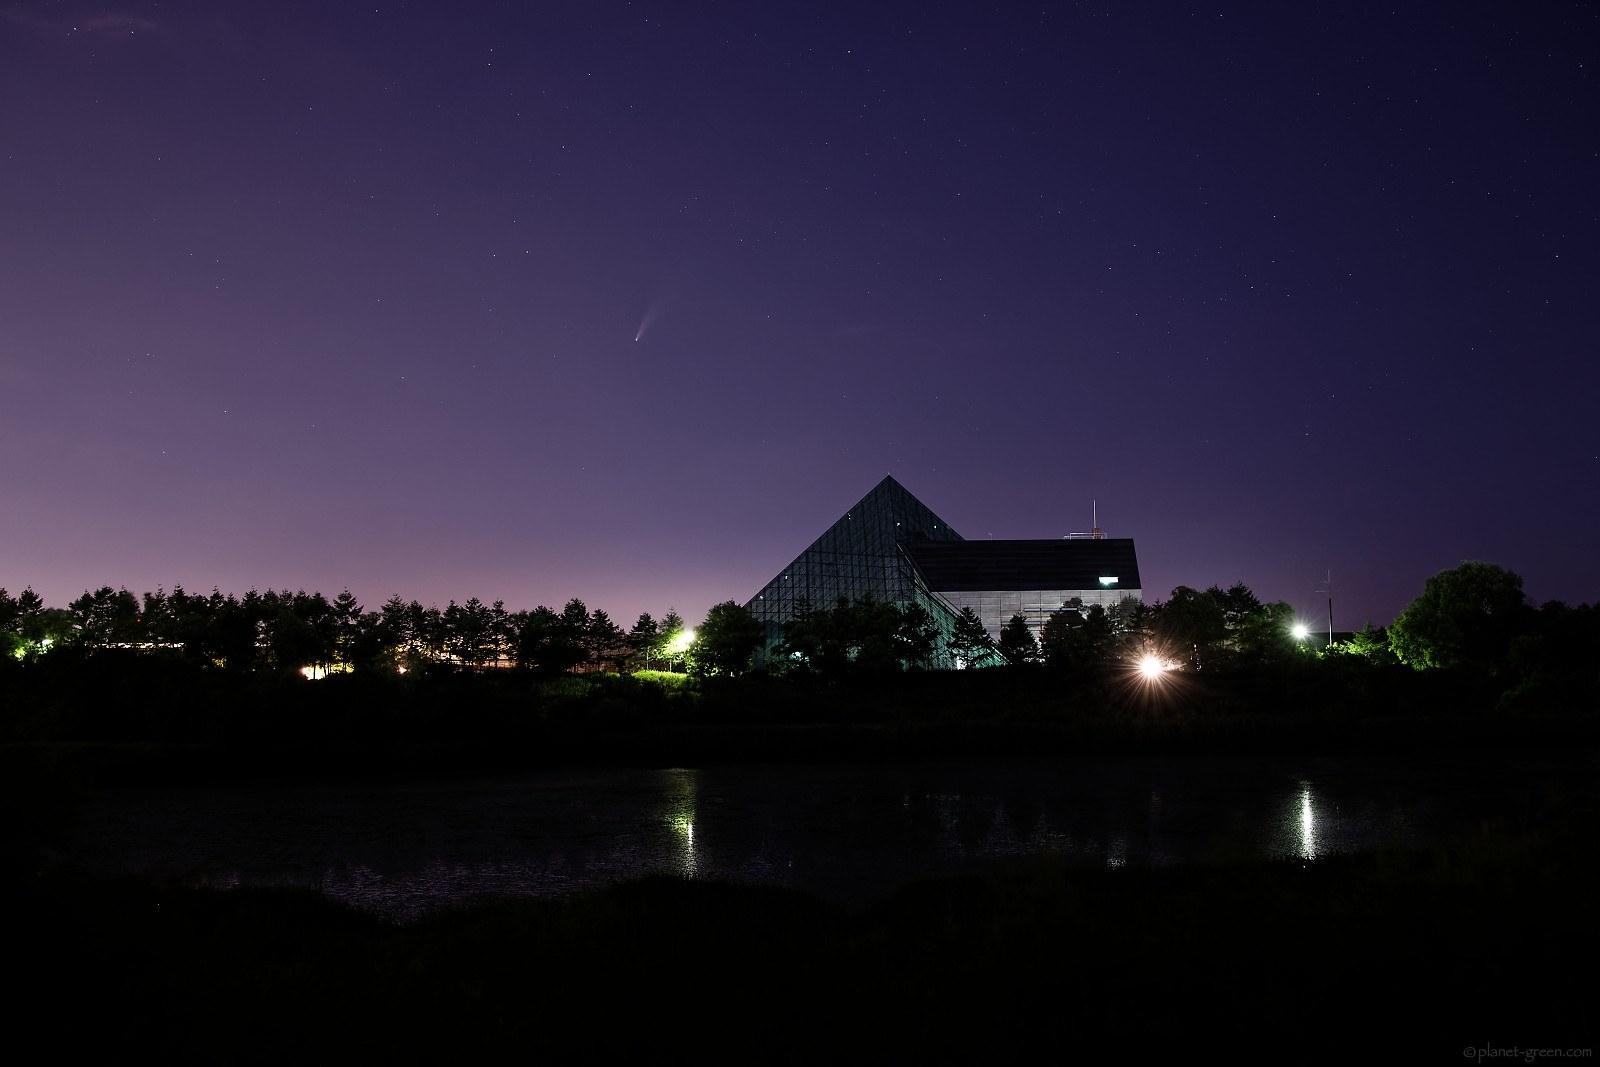 ネオワイズ彗星 Comet Neowise C/2020 F3 札幌モエレ沼公園にて